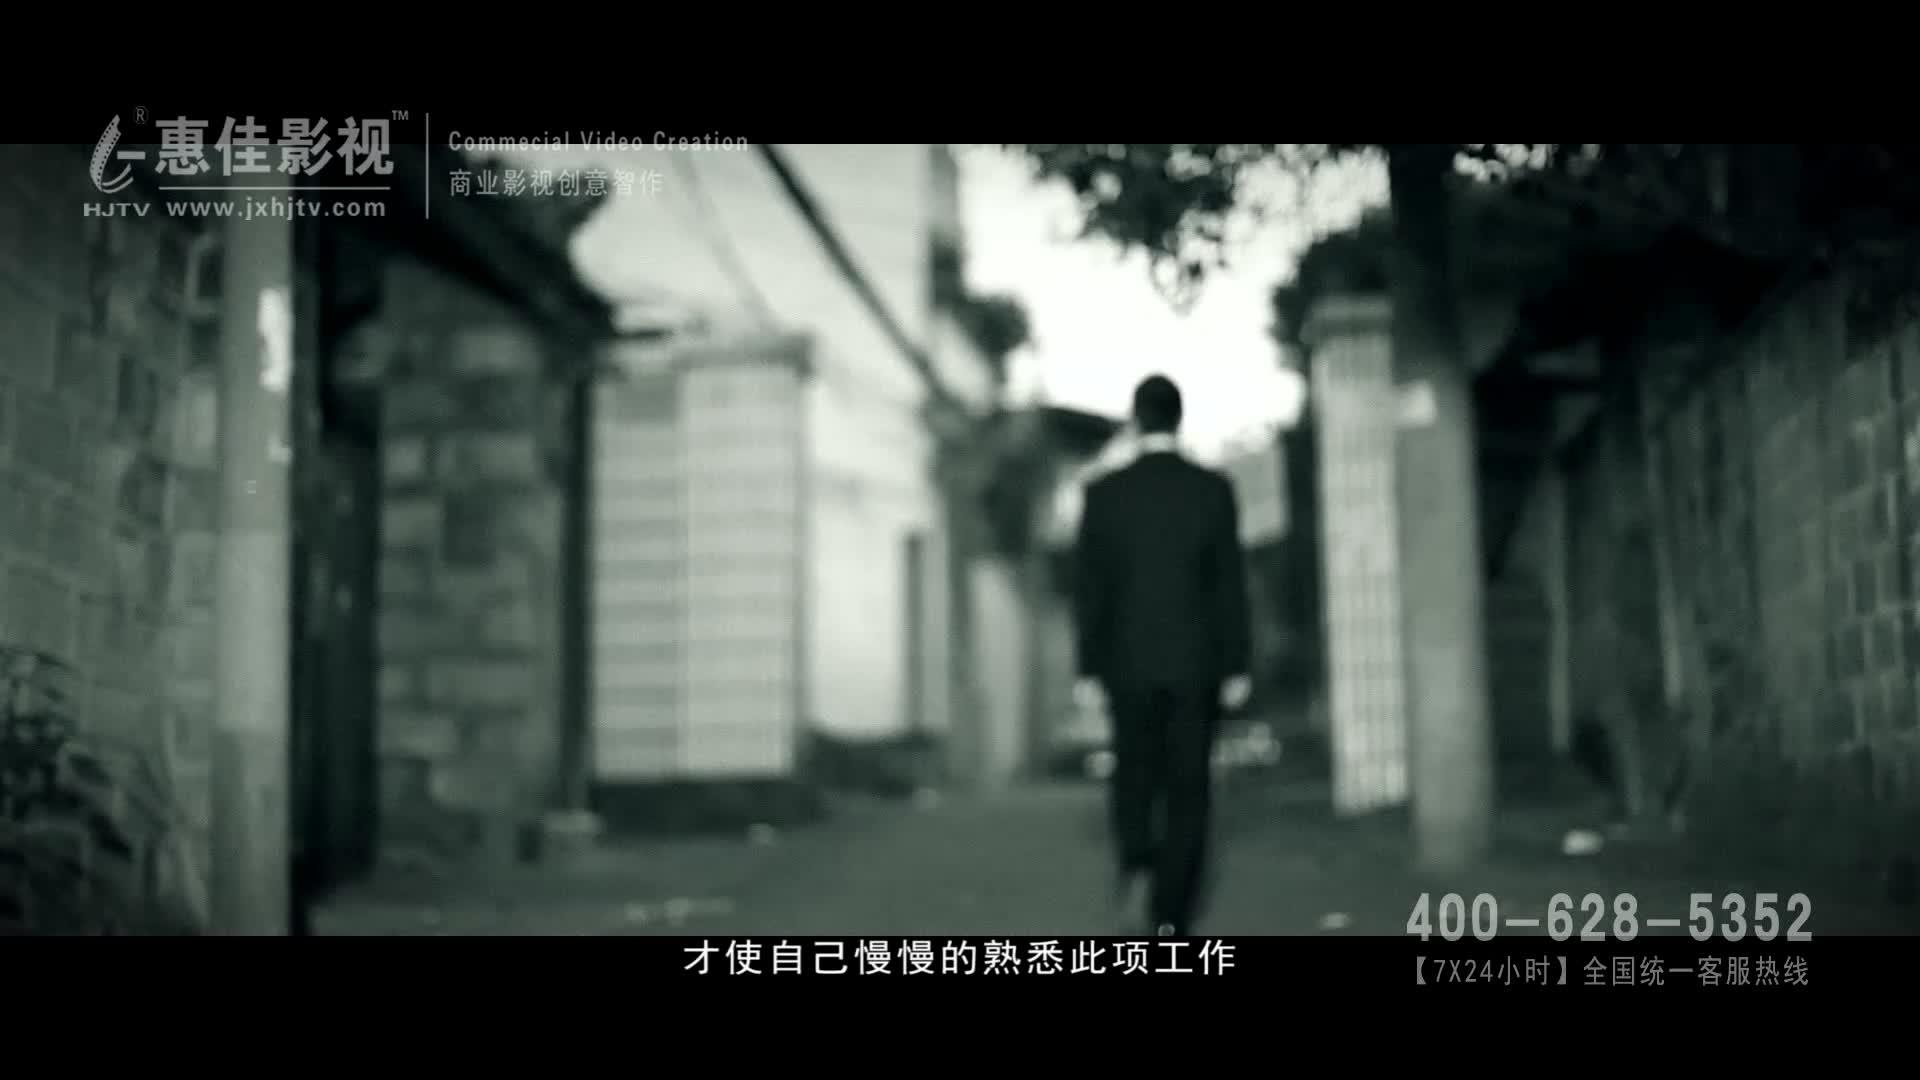 中阳建设集团宣传片